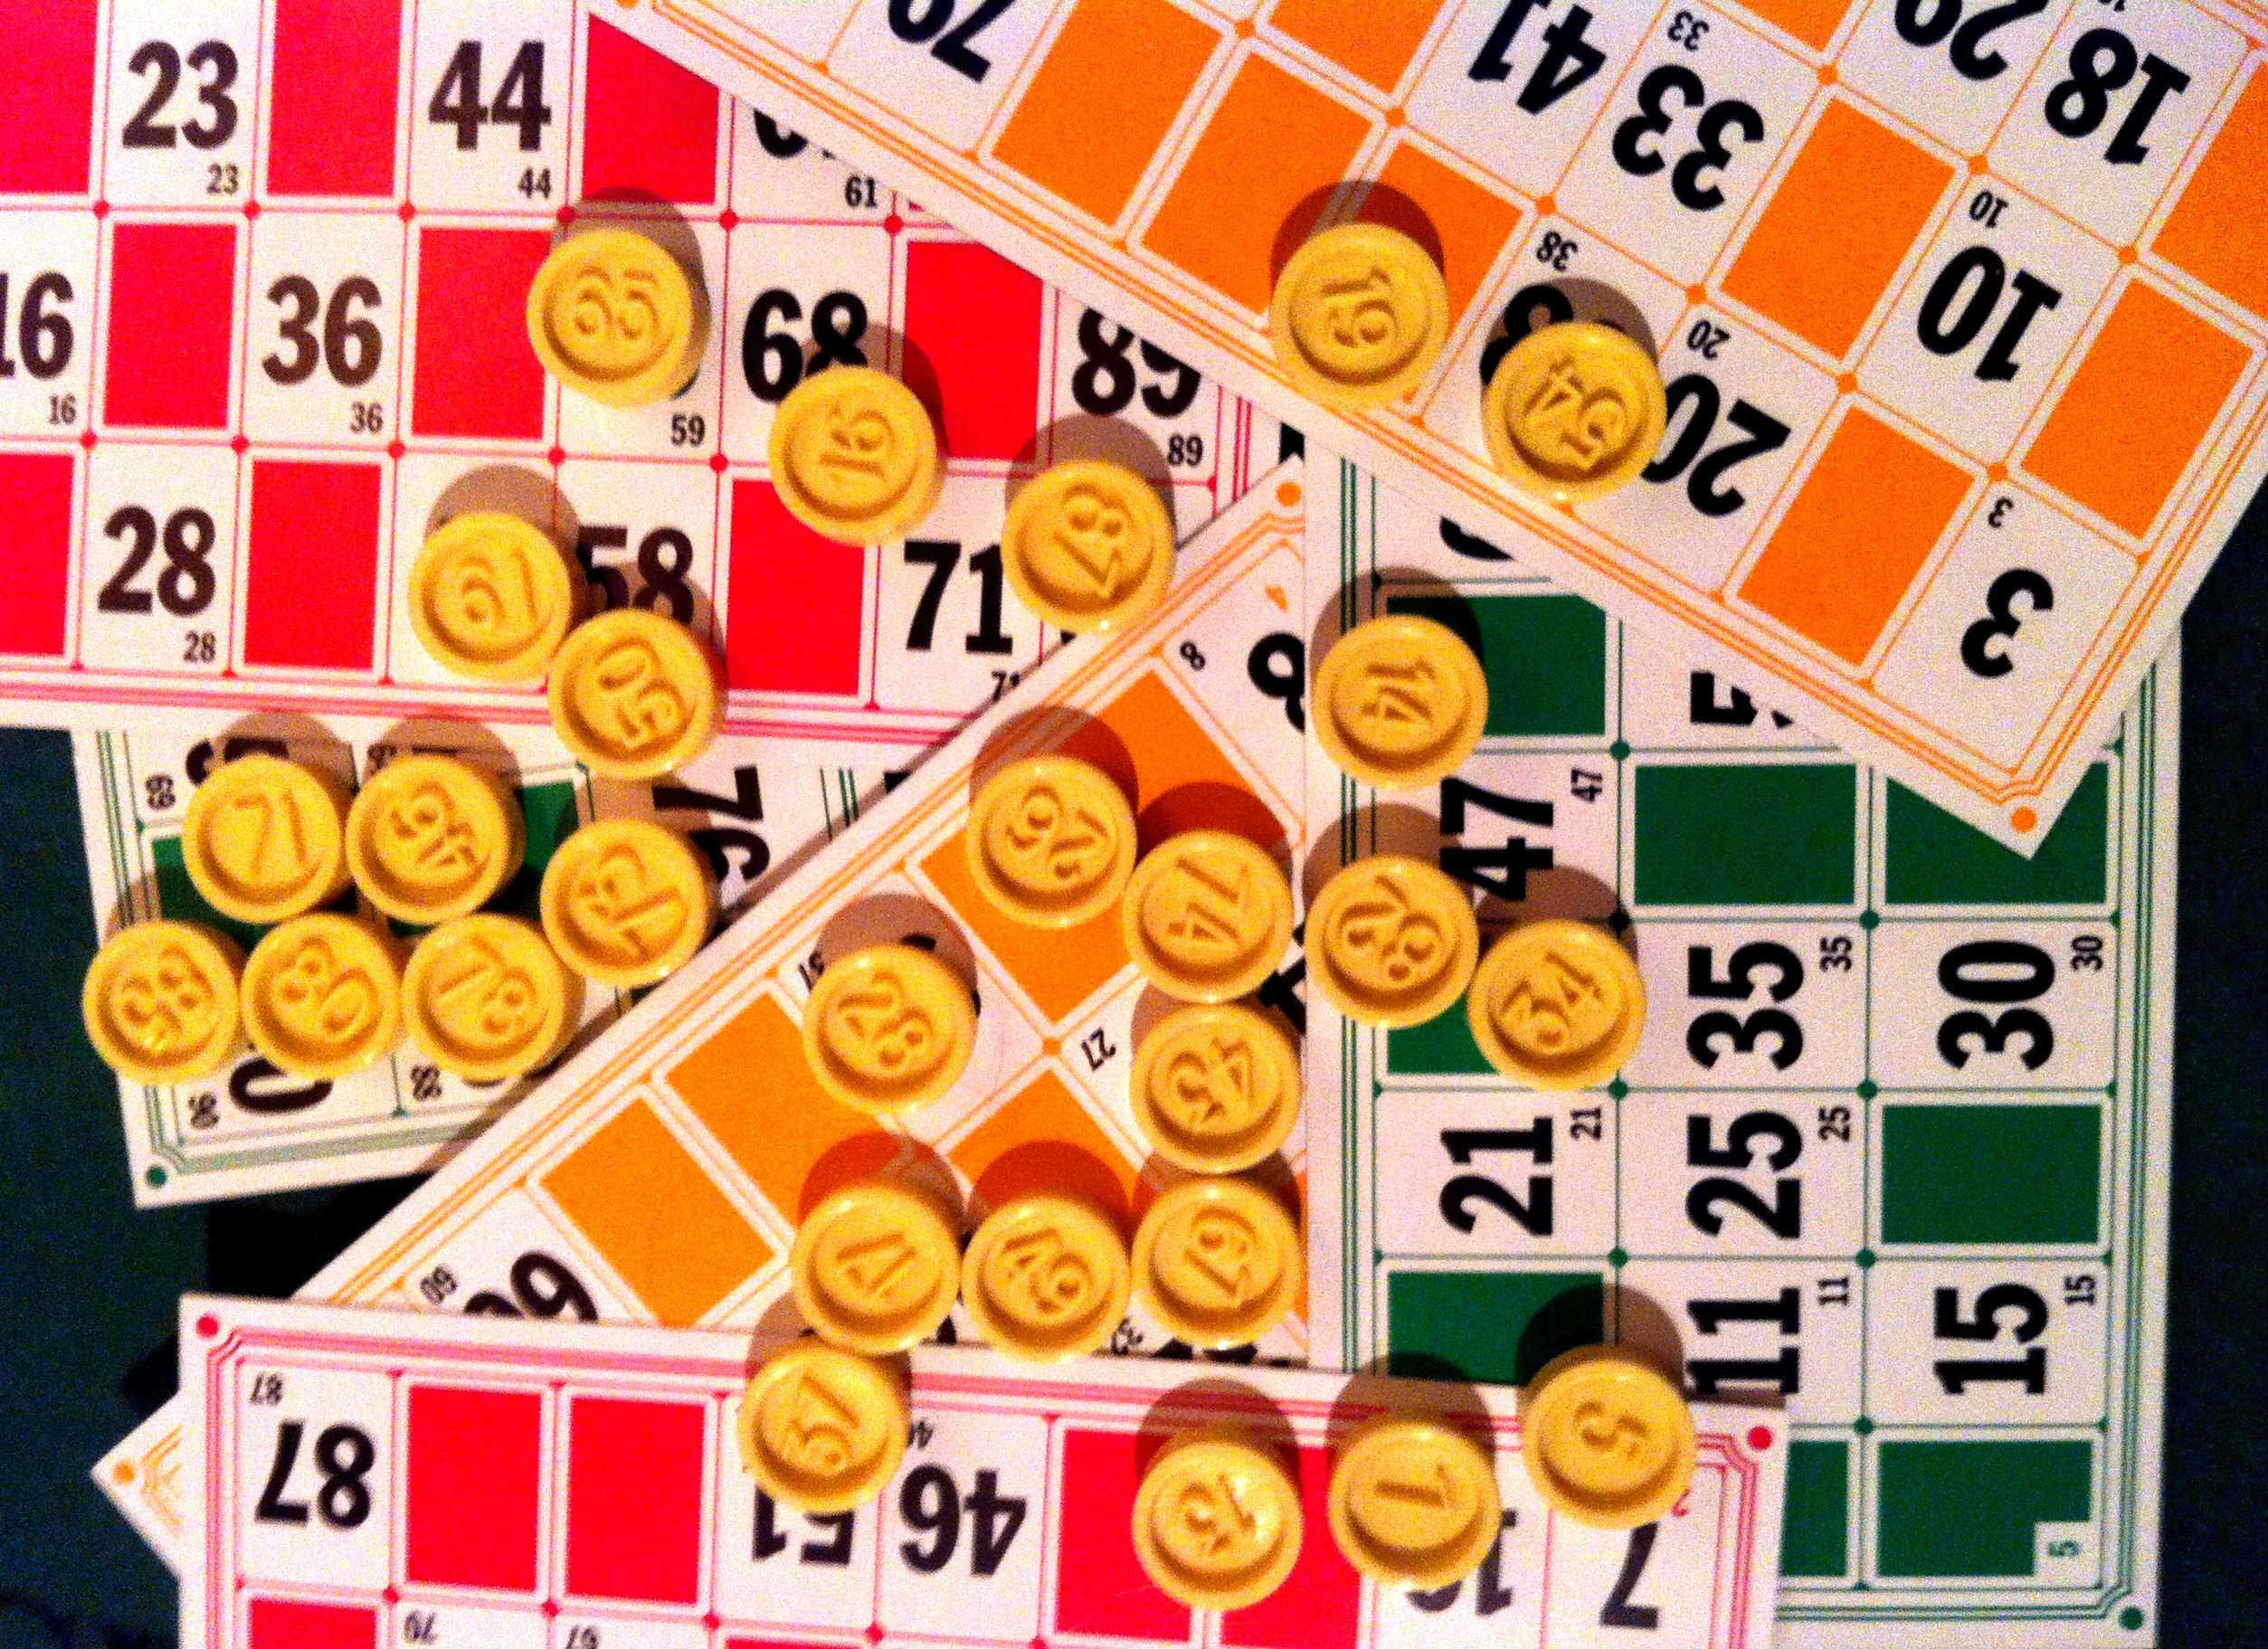 regle loto regles de jeux toutes vos r gles de jeux de soci t et de cartes monopoly. Black Bedroom Furniture Sets. Home Design Ideas